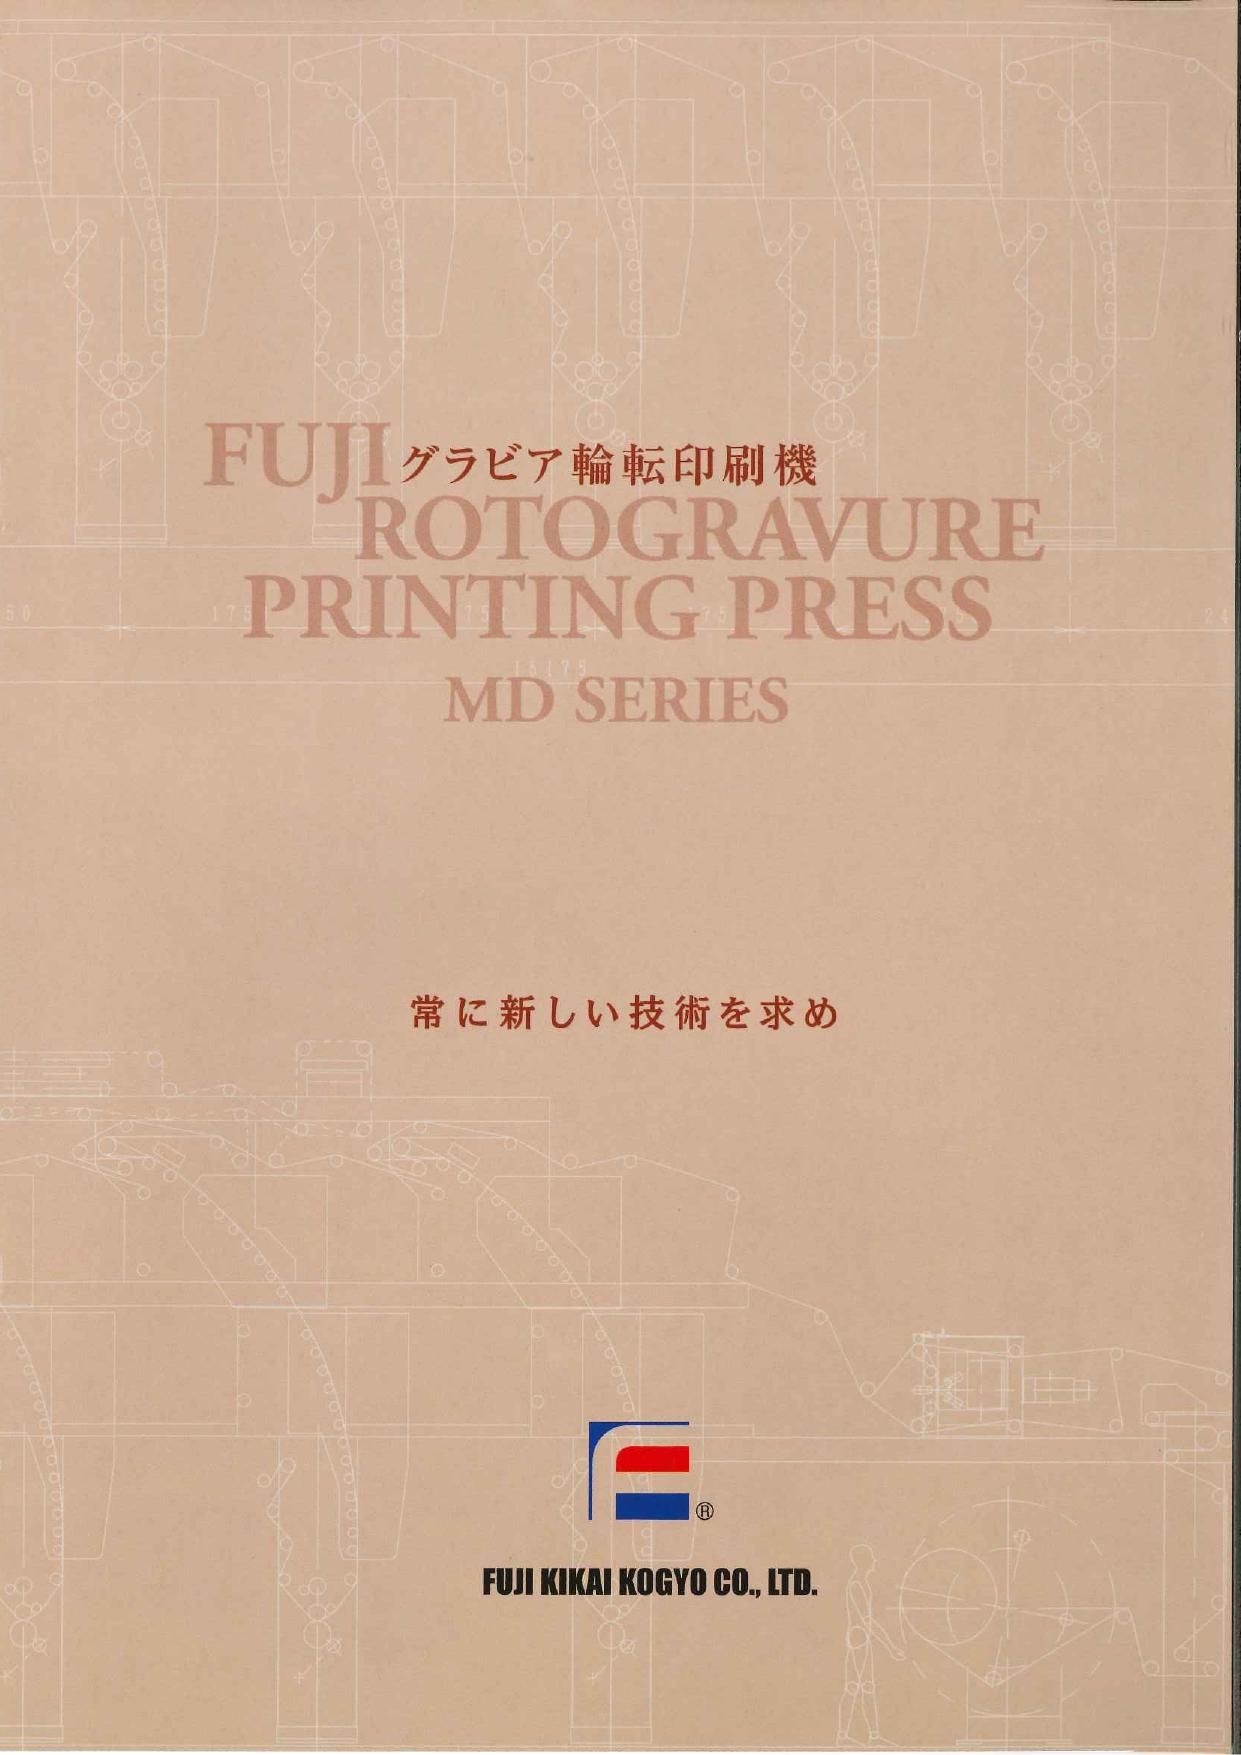 グラビア輪転印刷機 MDシリーズ